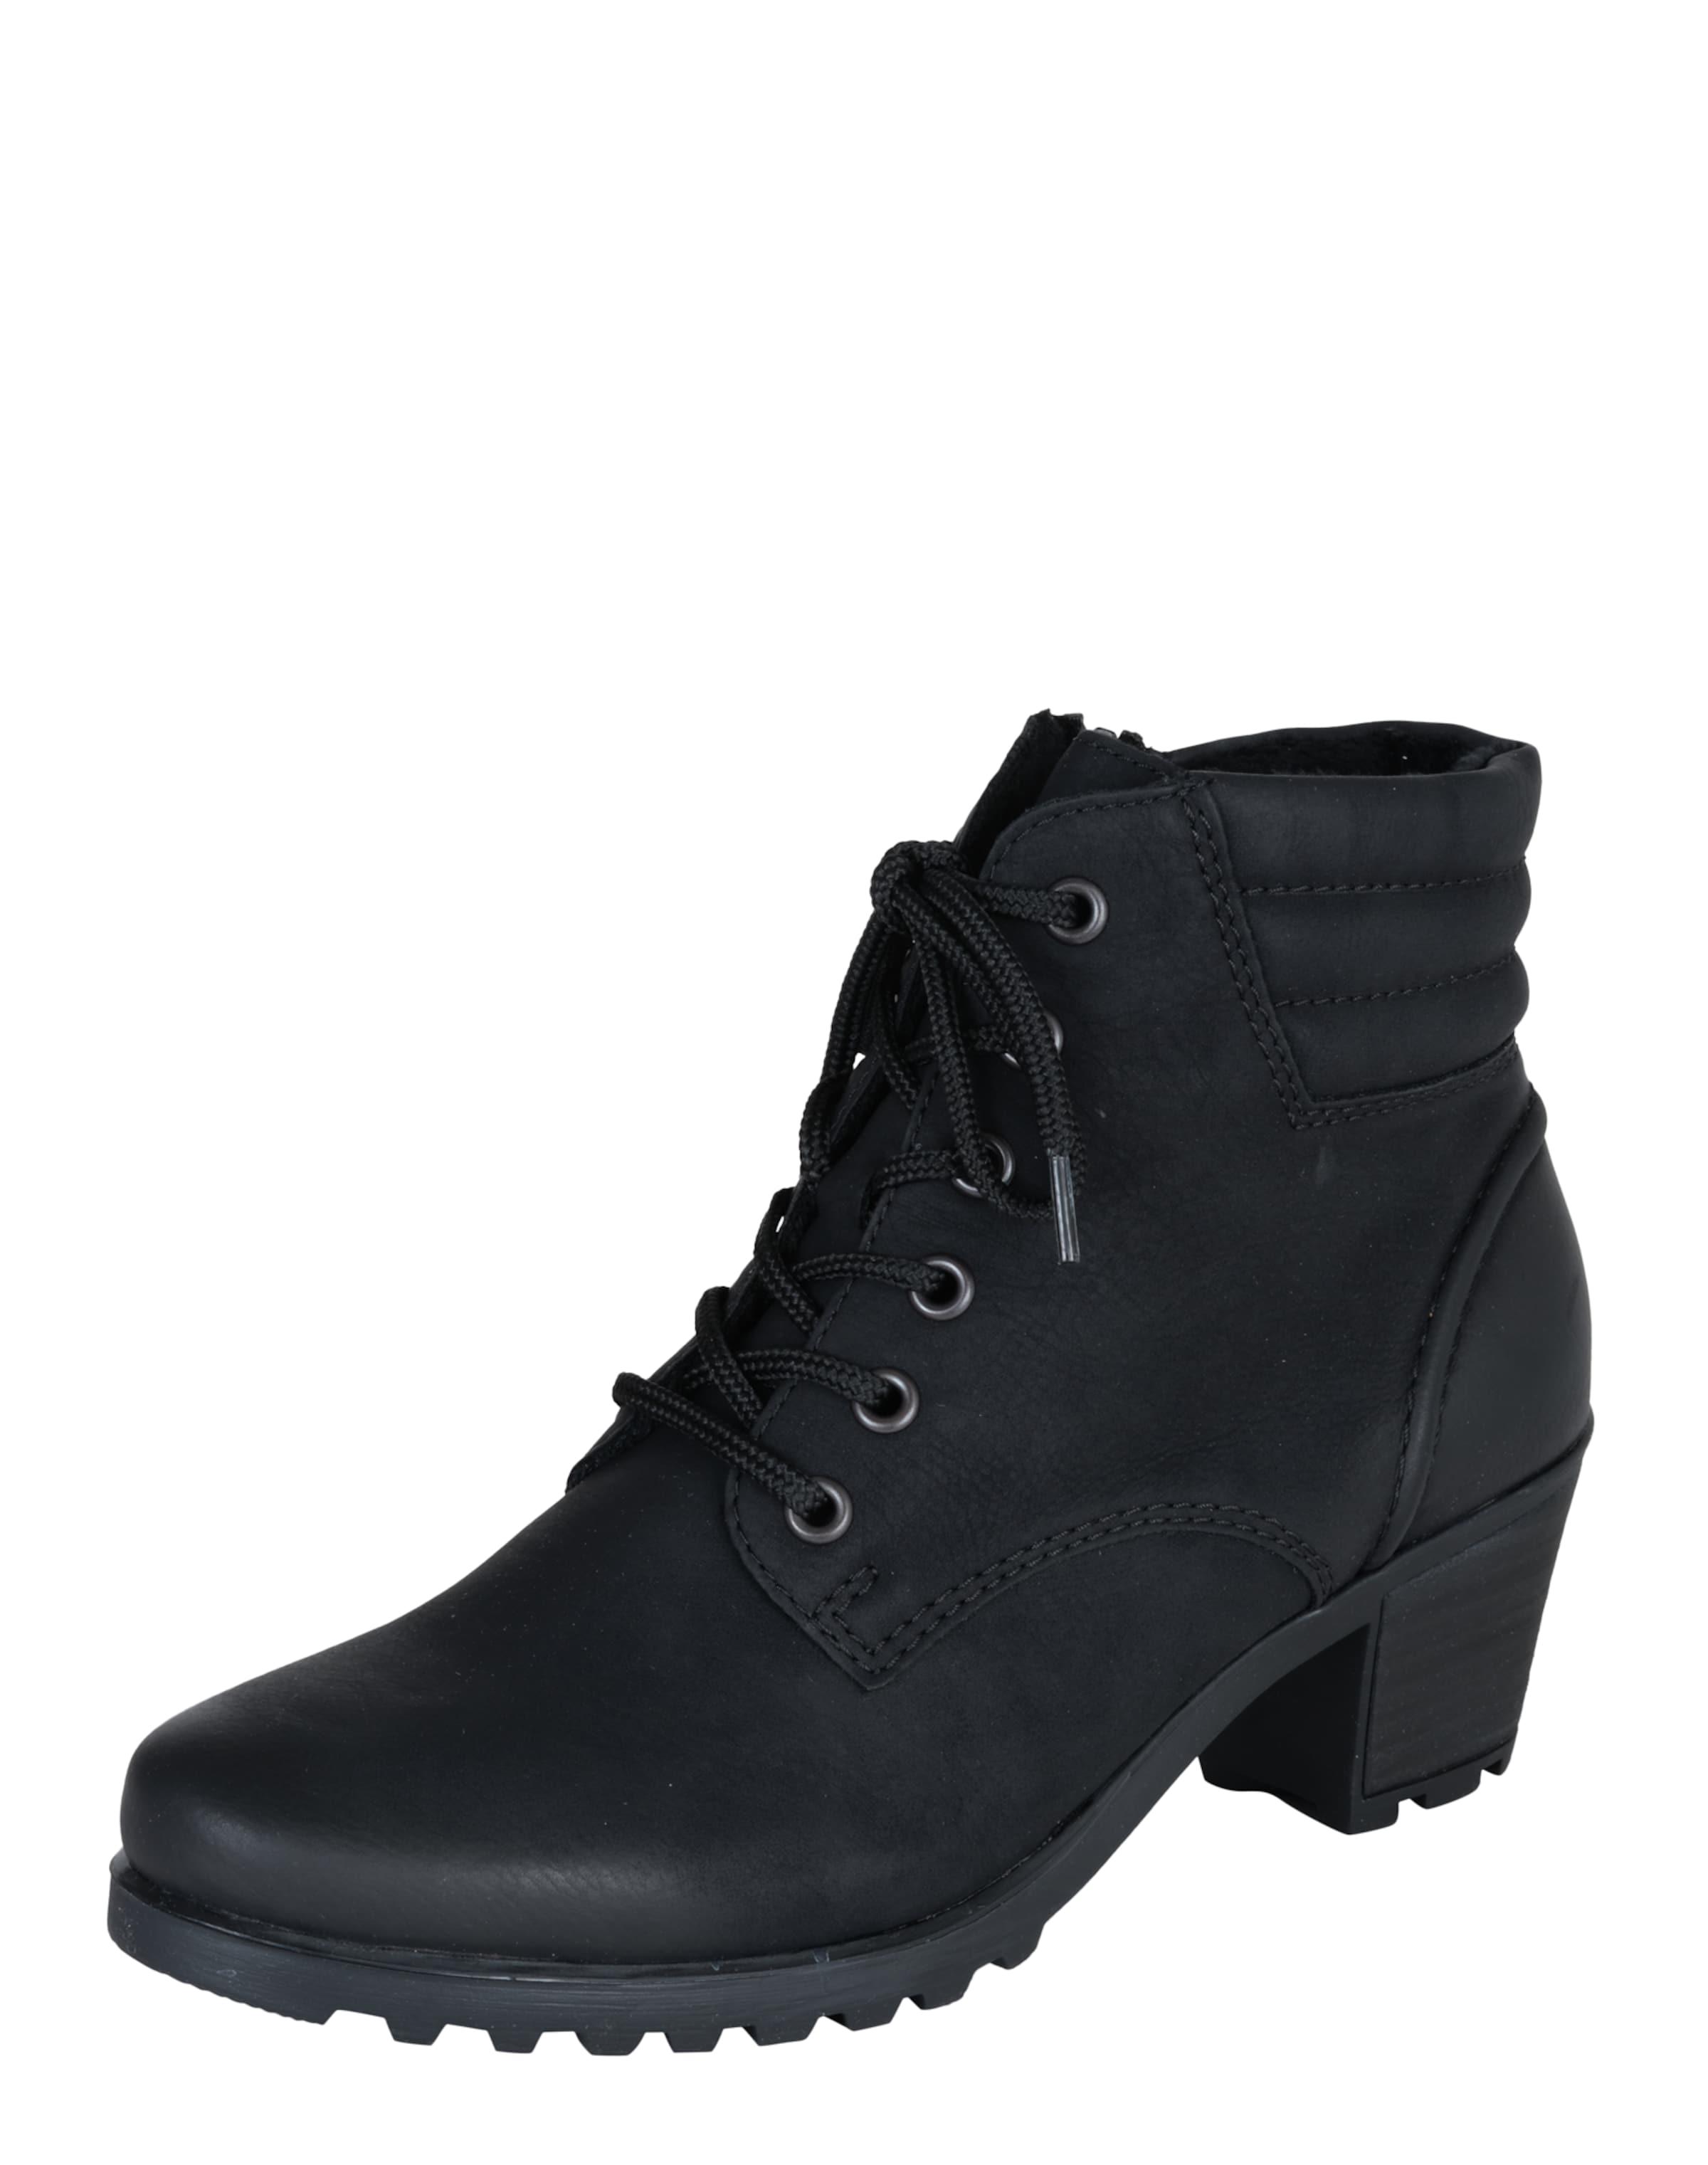 RIEKER Schnürstiefelette mit Steppungen Günstige und langlebige Schuhe